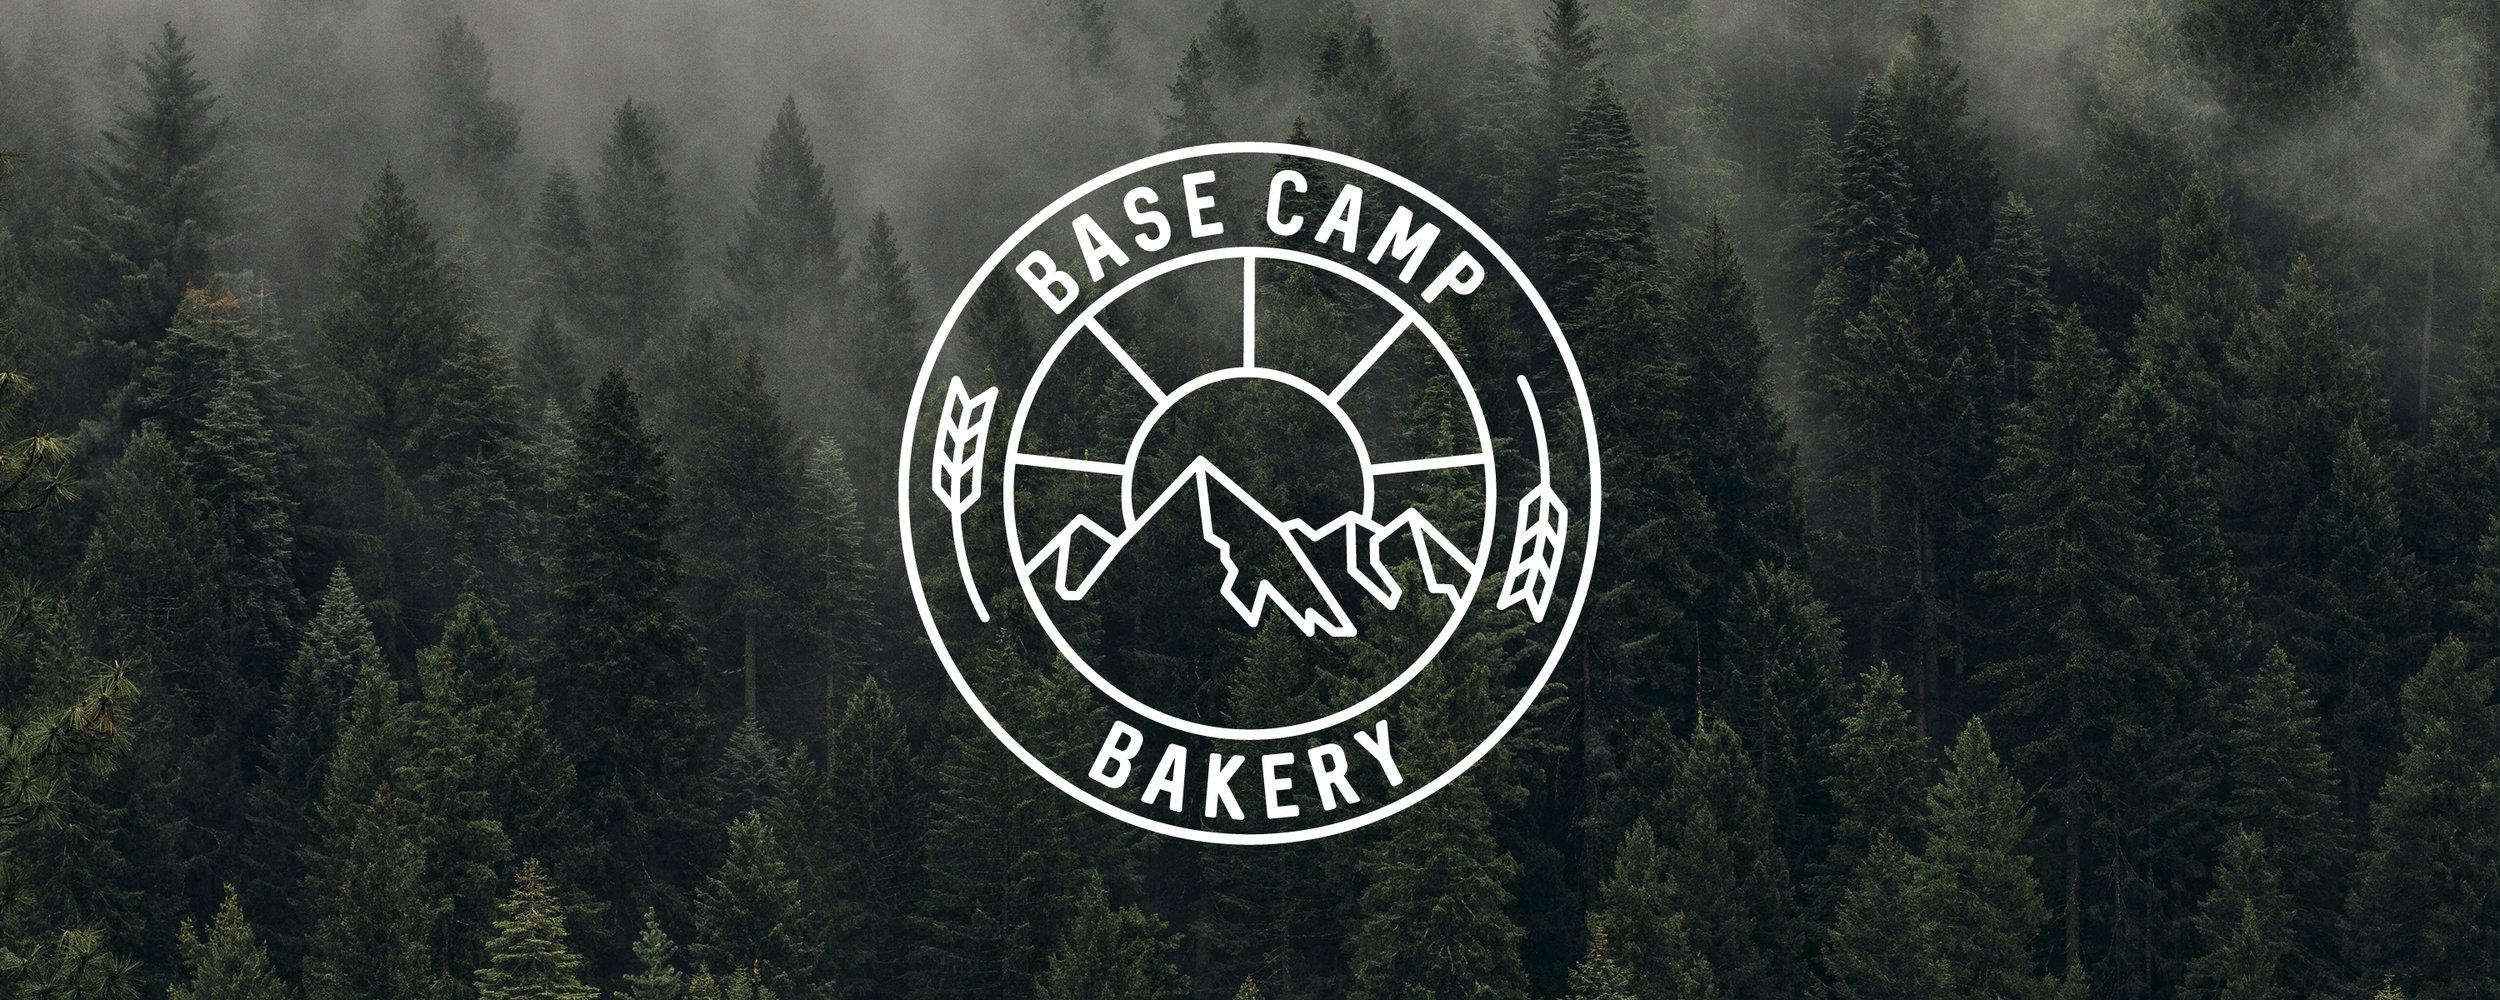 BaseCamp_Logo_Website_Icon_Image.jpg